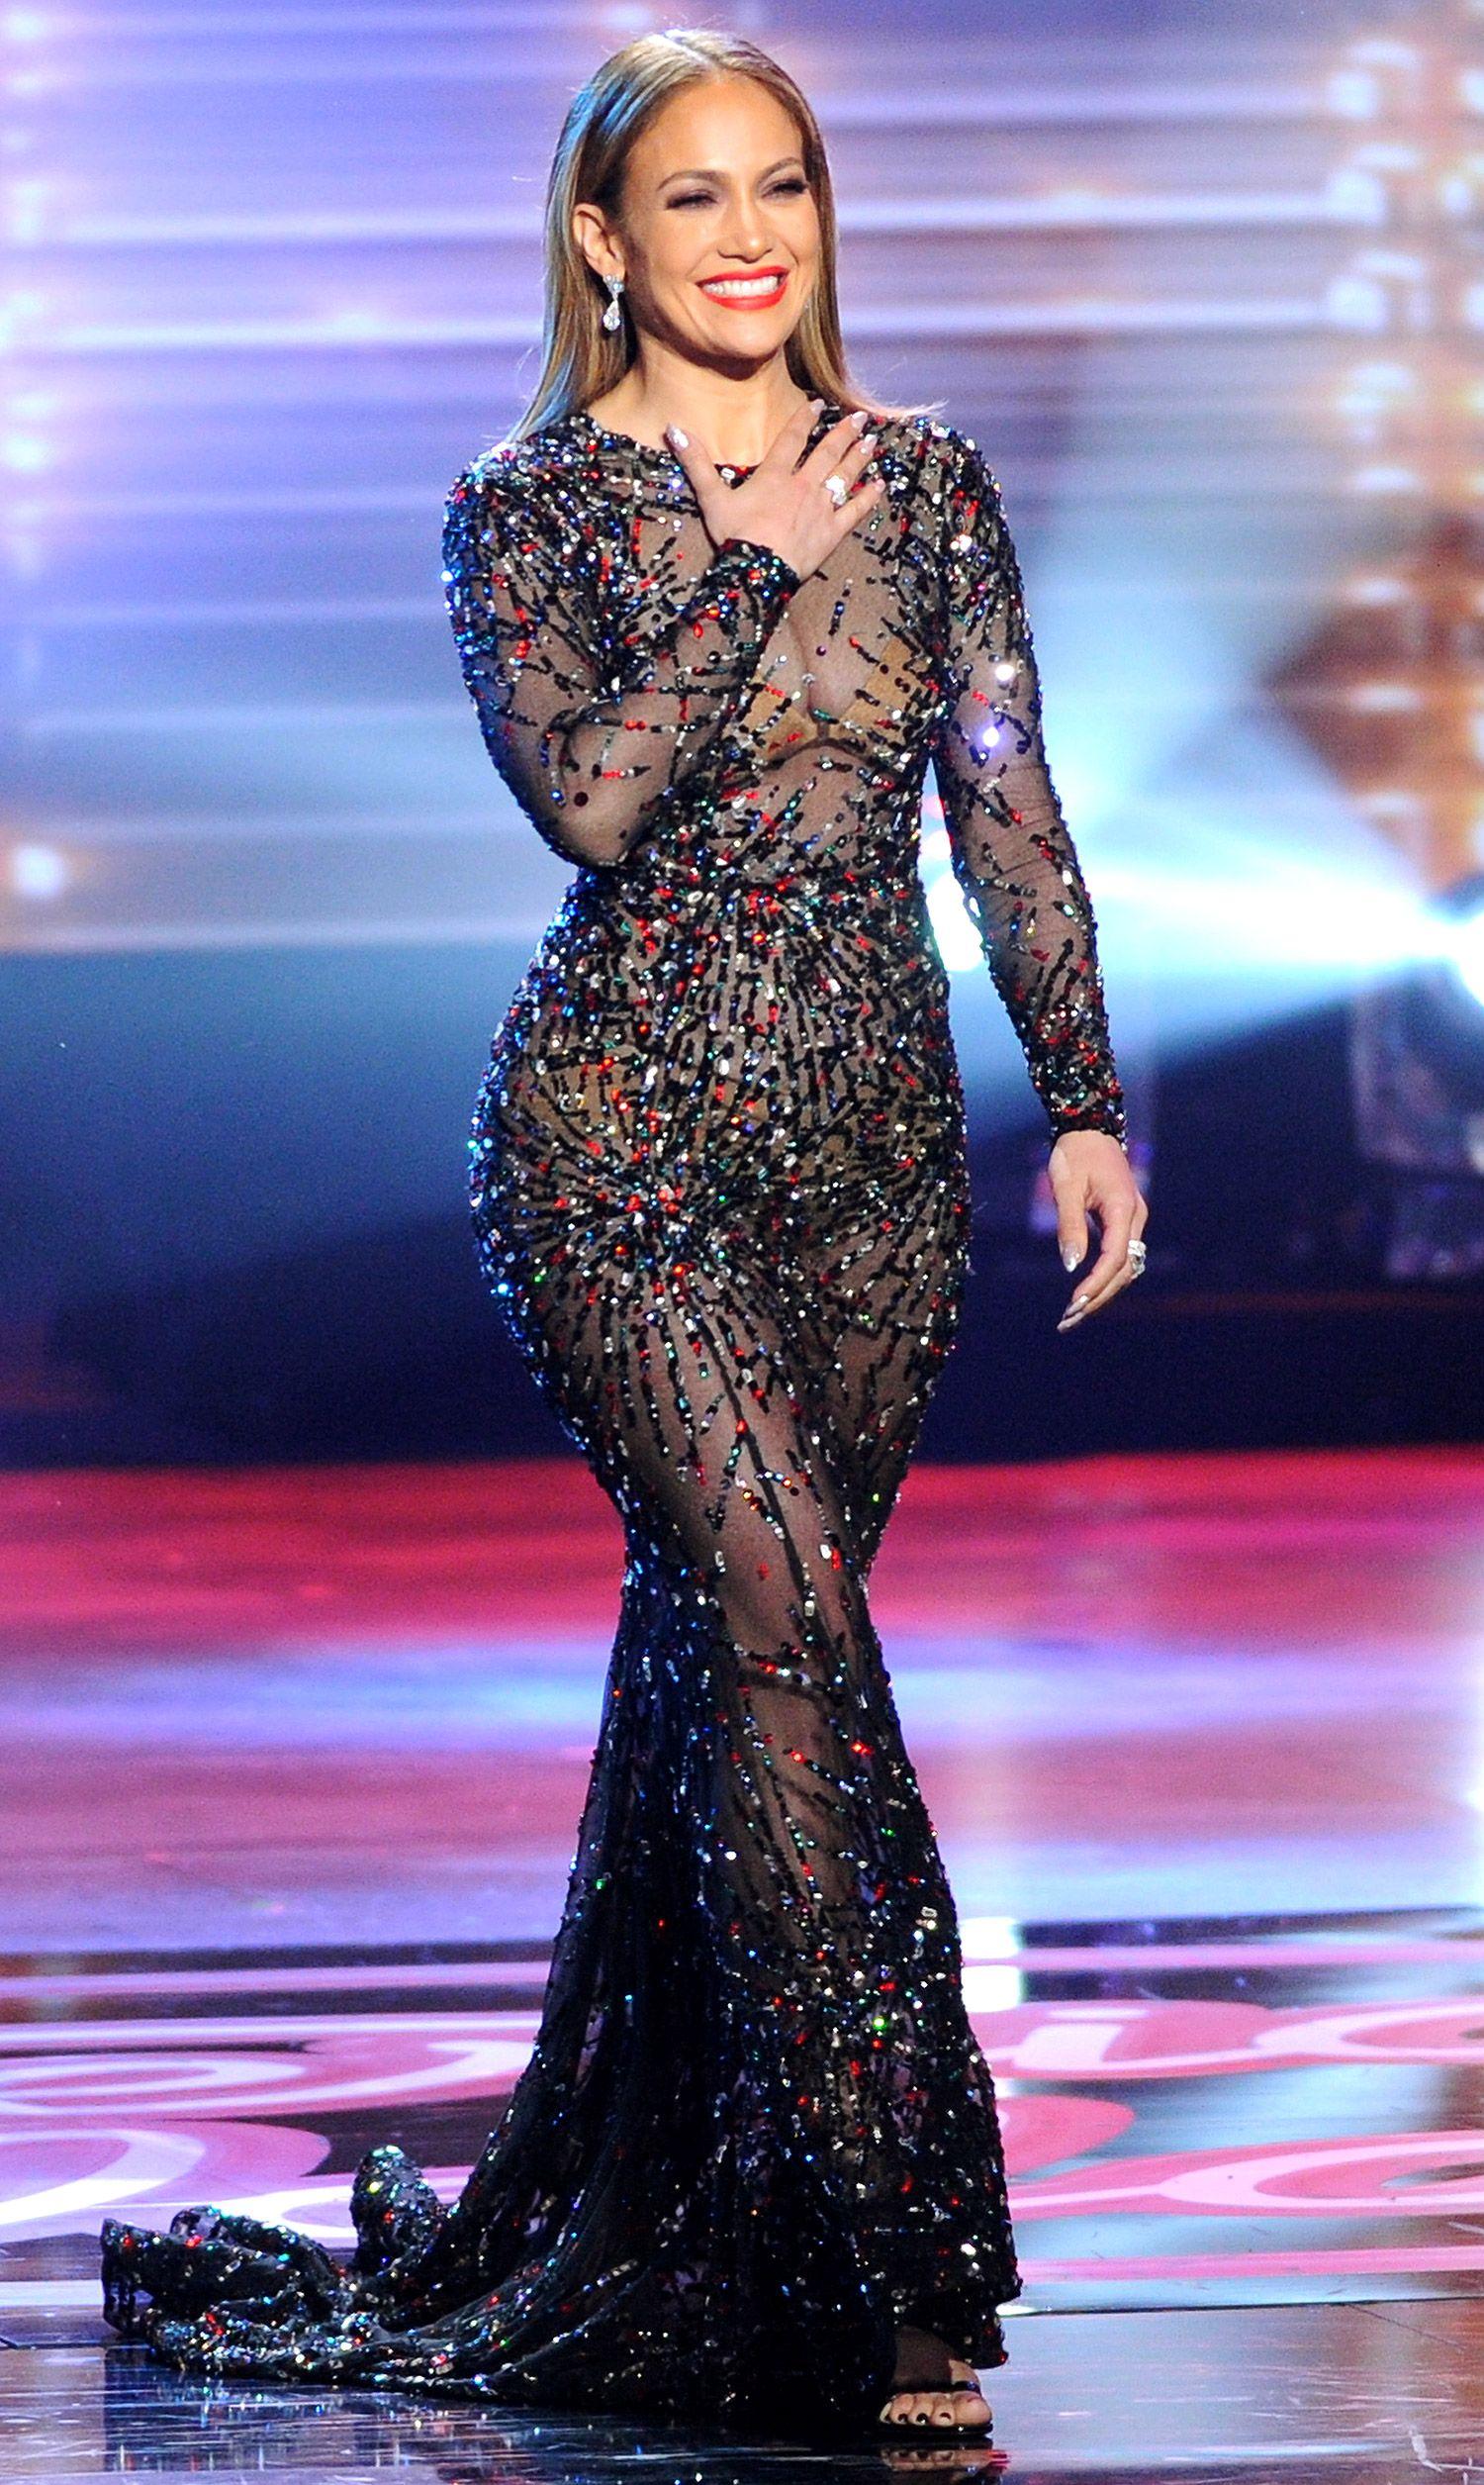 Jennifer Lopez on American Idol, Jennifer Lopez style ...  Jennifer Lopez ...